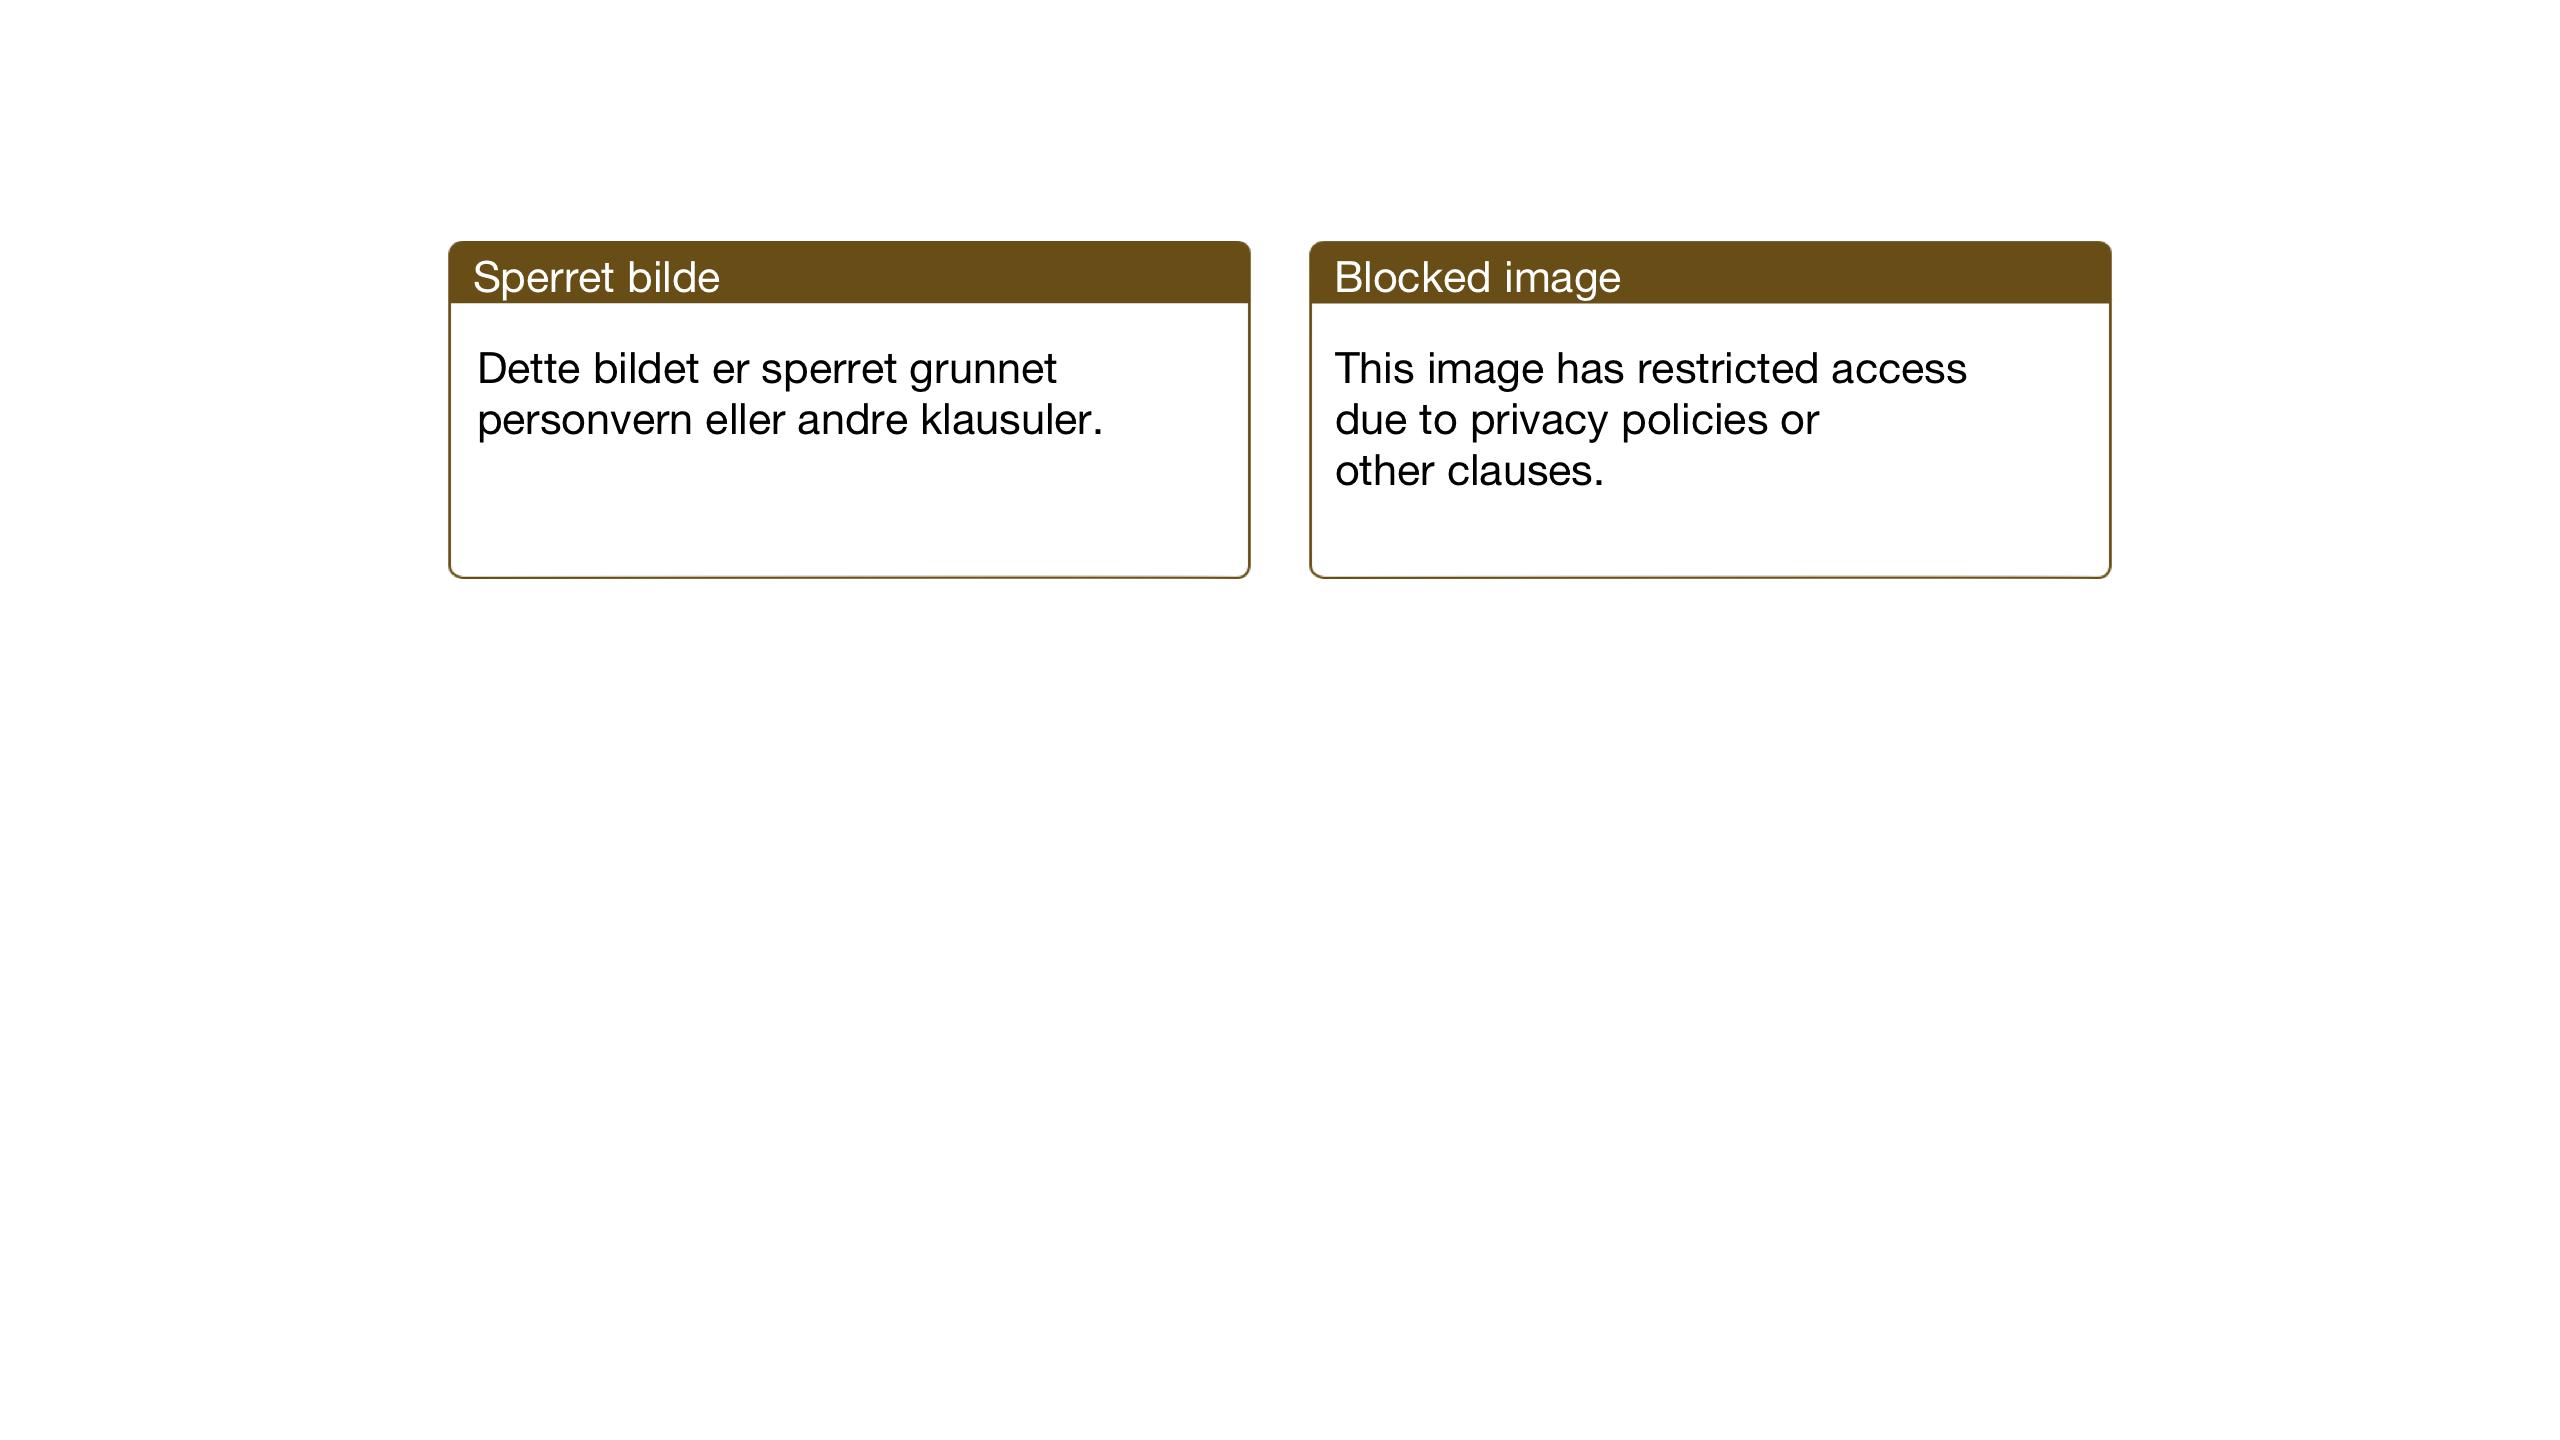 SAT, Ministerialprotokoller, klokkerbøker og fødselsregistre - Sør-Trøndelag, 695/L1158: Klokkerbok nr. 695C09, 1913-1940, s. 127